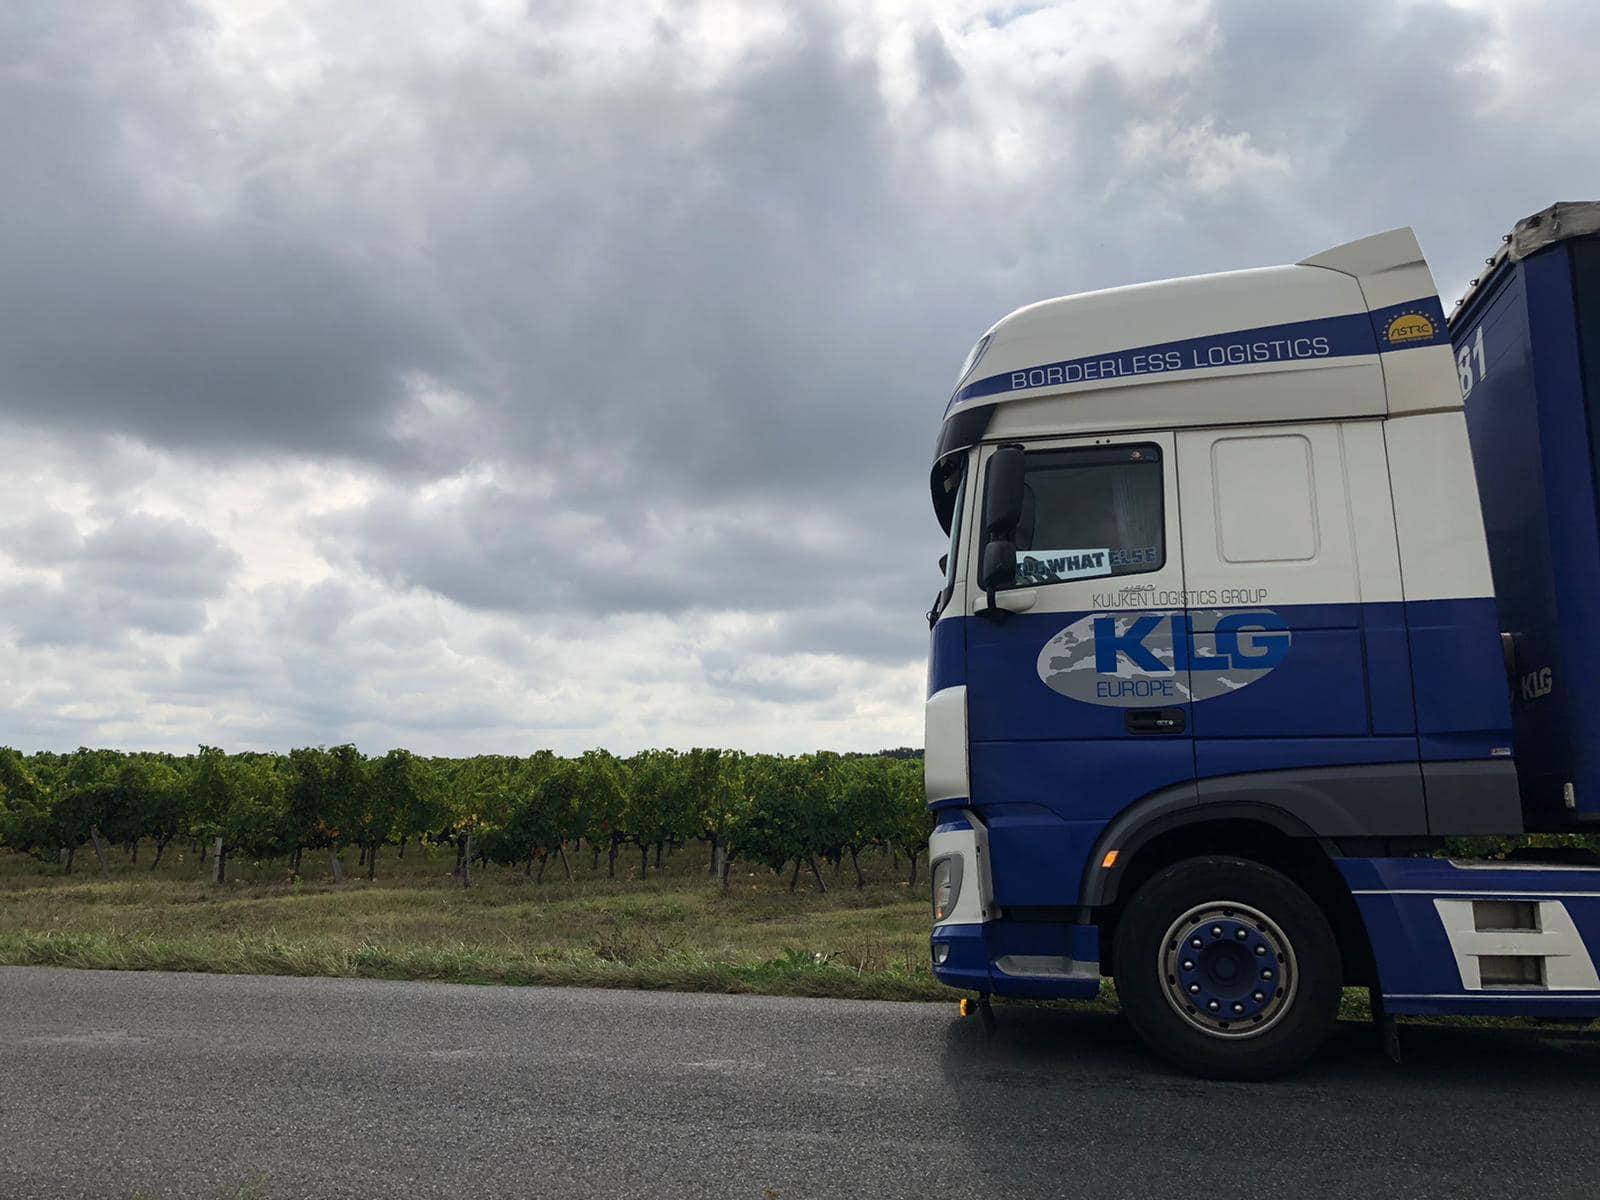 samen-een-mooie-tour-in-de-regio-van-Bordeaux-gemaakt-26-9-2020---(16)